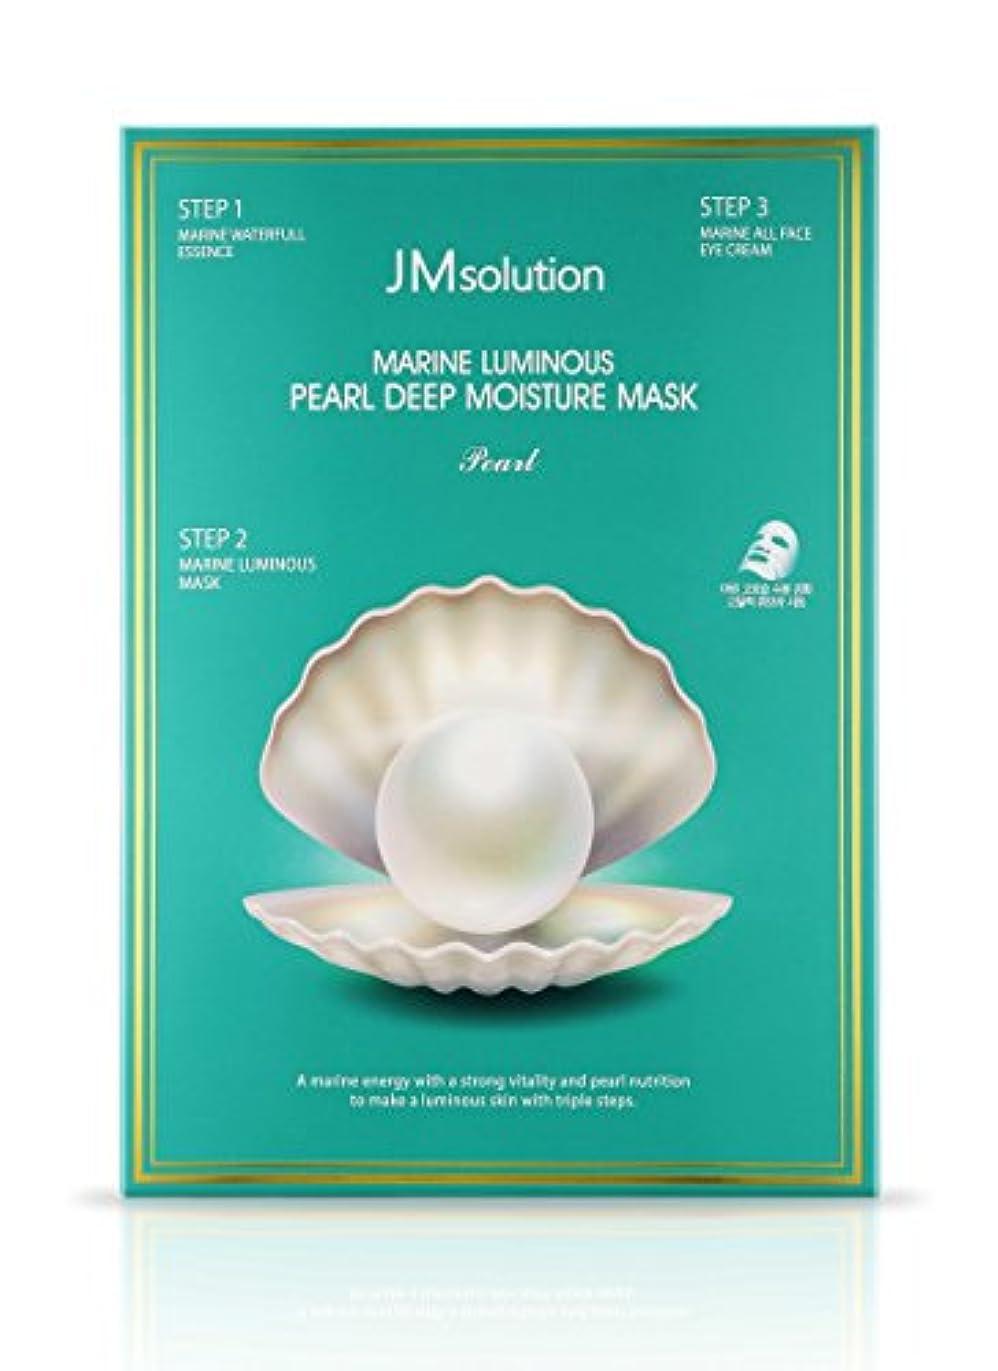 JMソリューション JMsolution マリン ルミナス ディープ モイスチャー マスク 10枚入